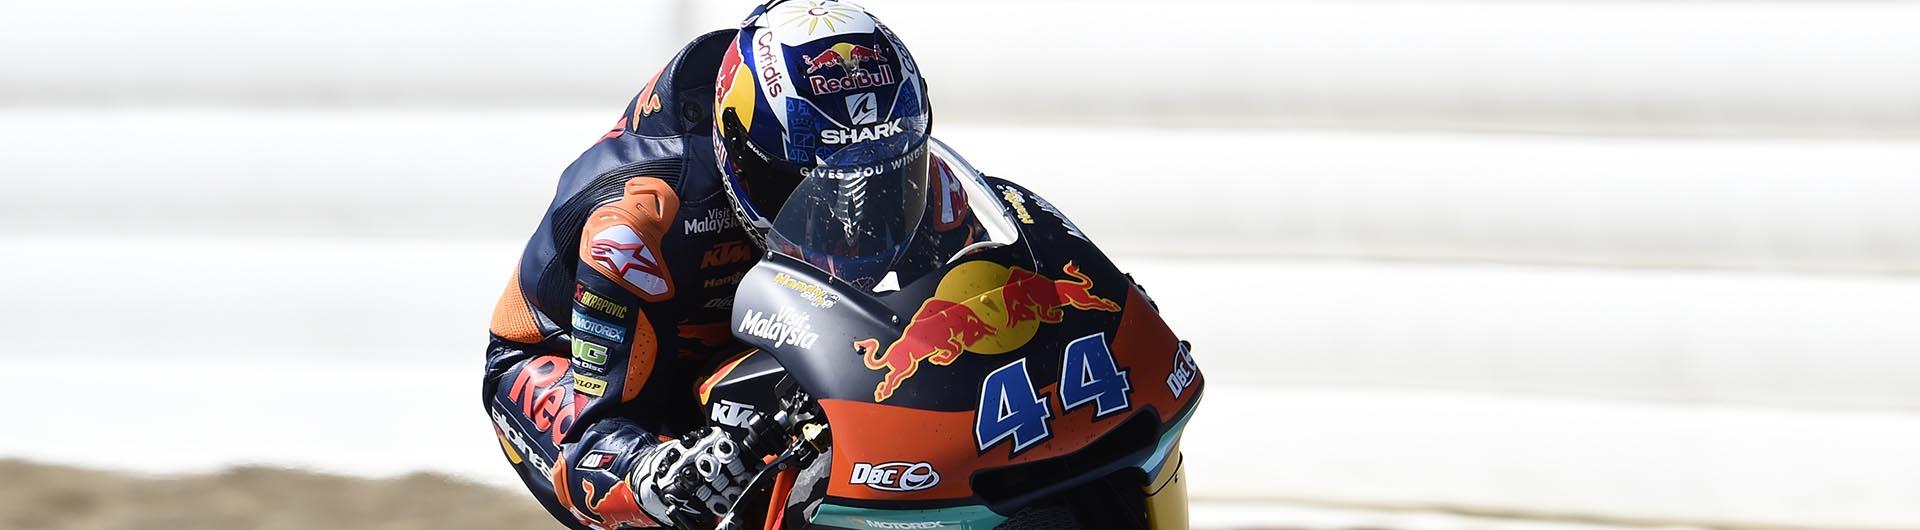 Miguel Oliveira testa em Jerez